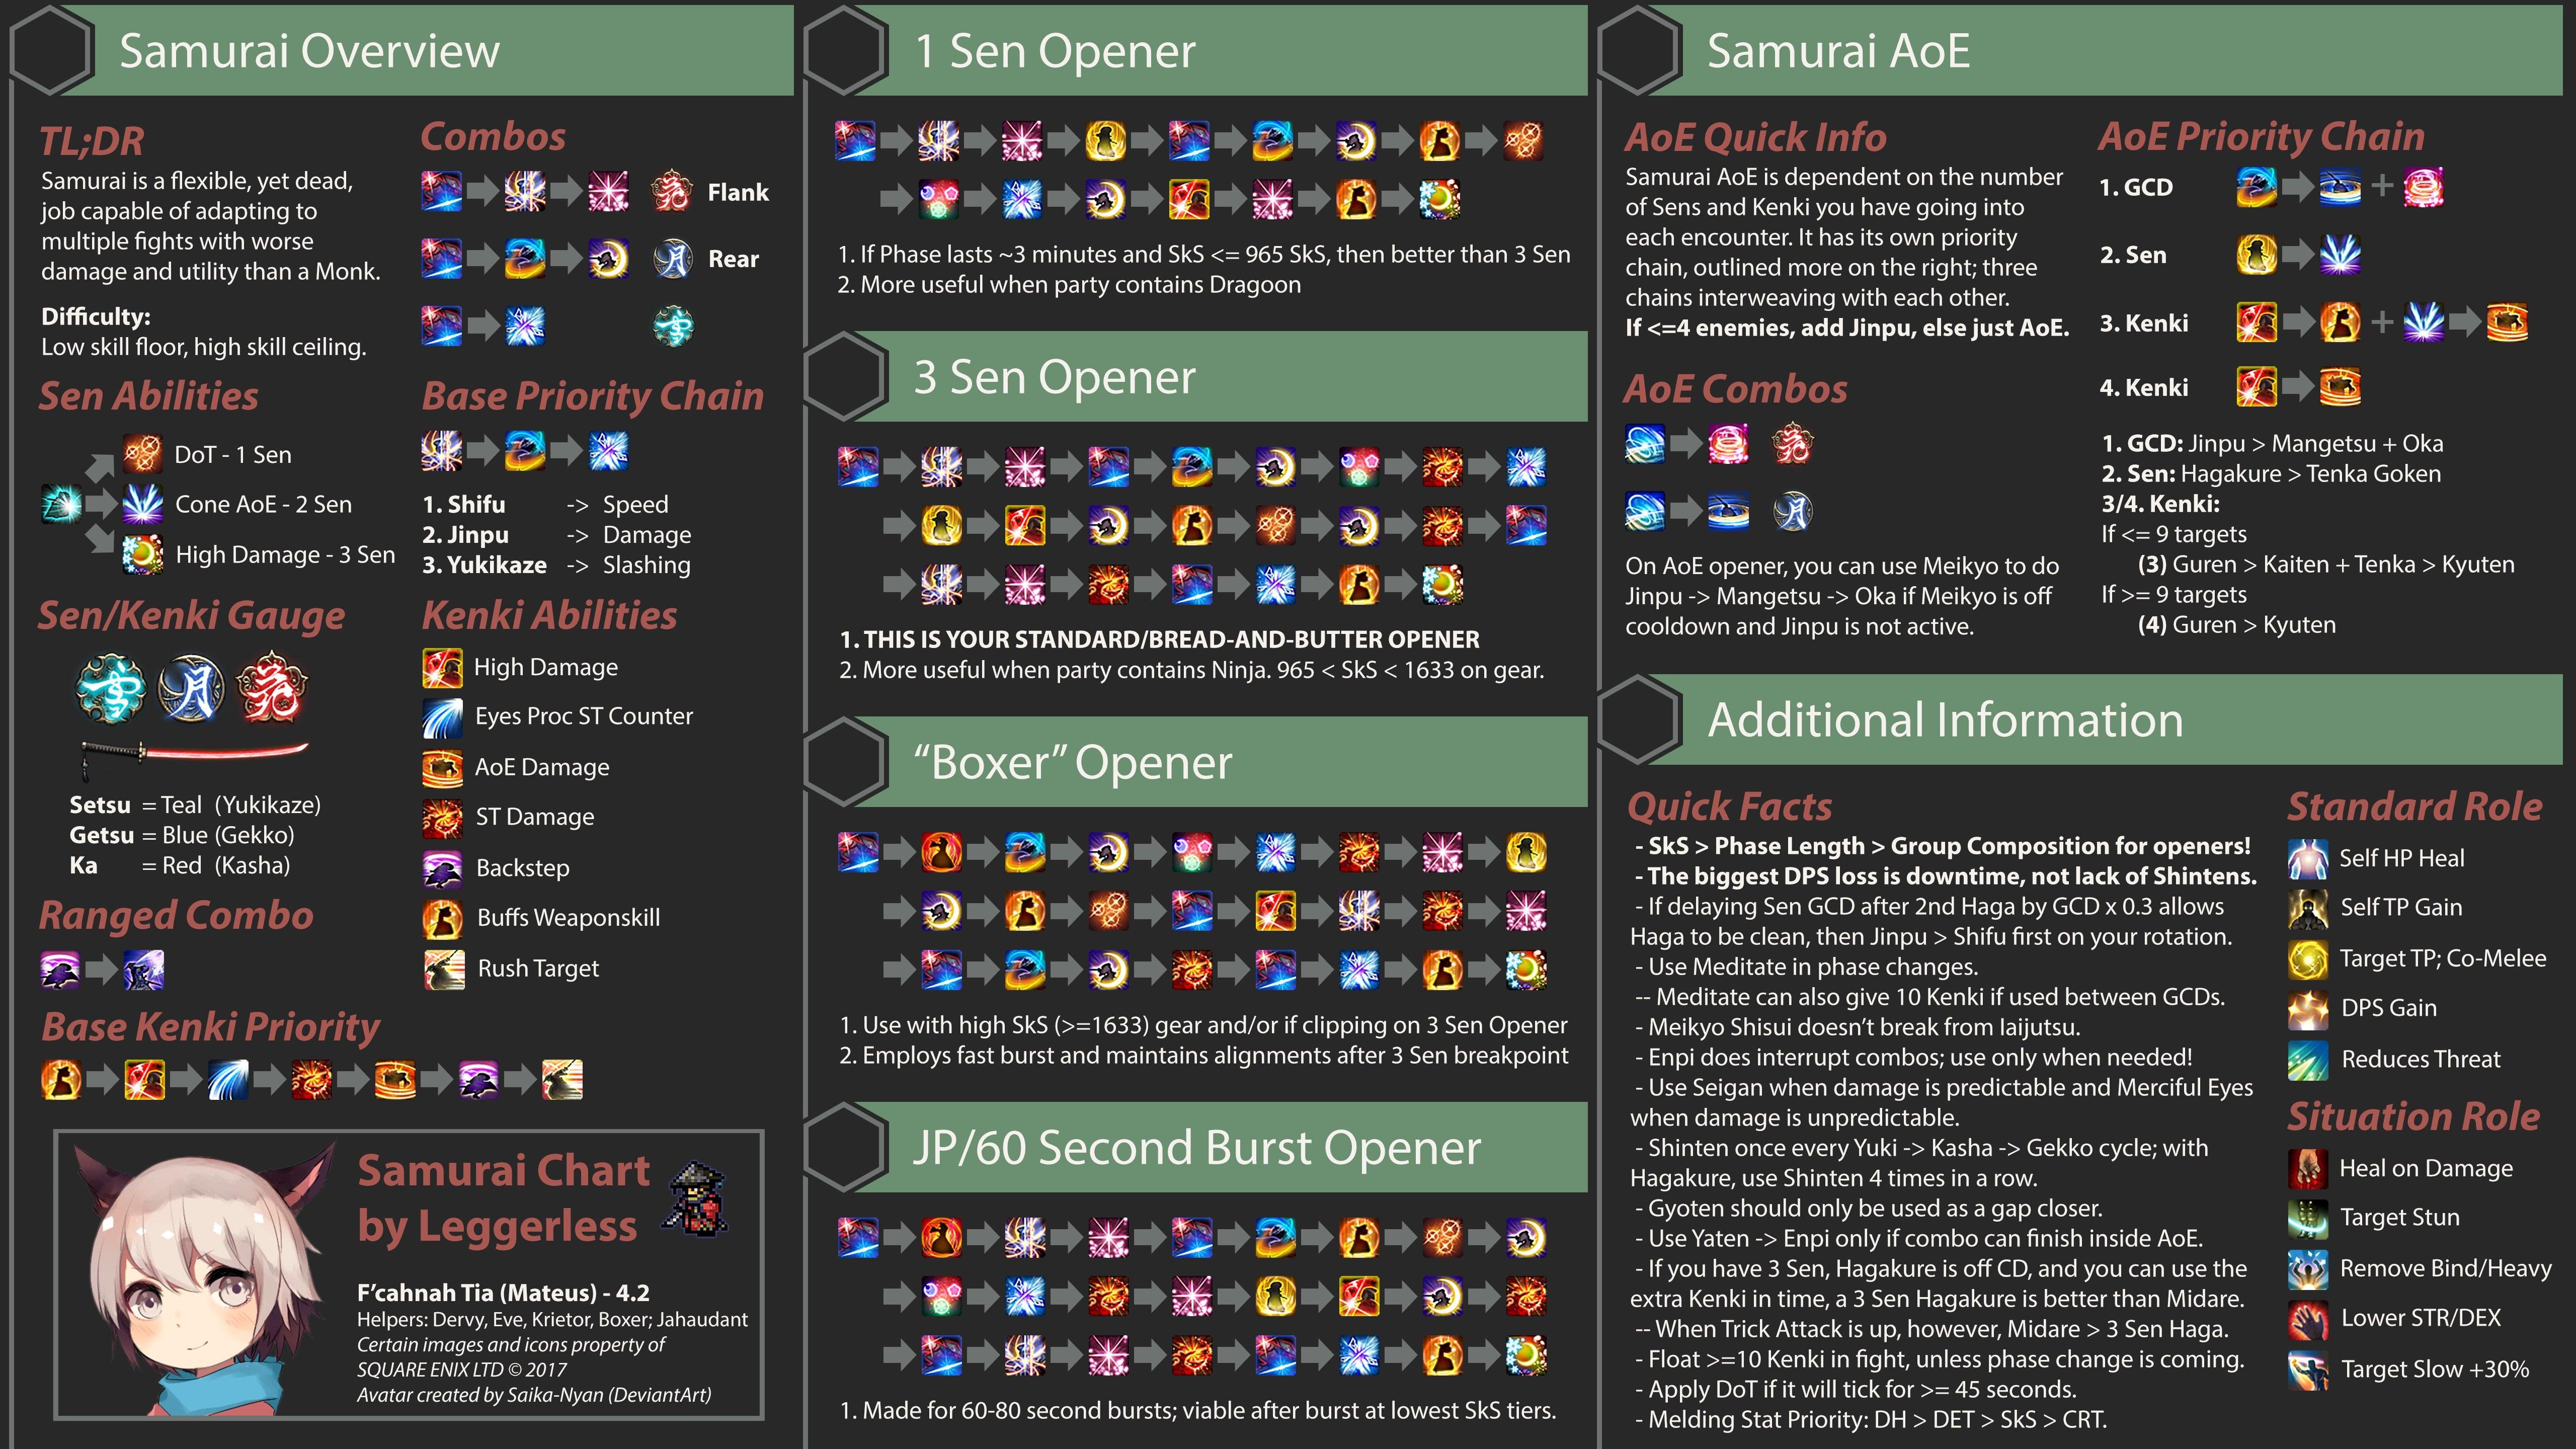 Ff14 samurai level 60 guide